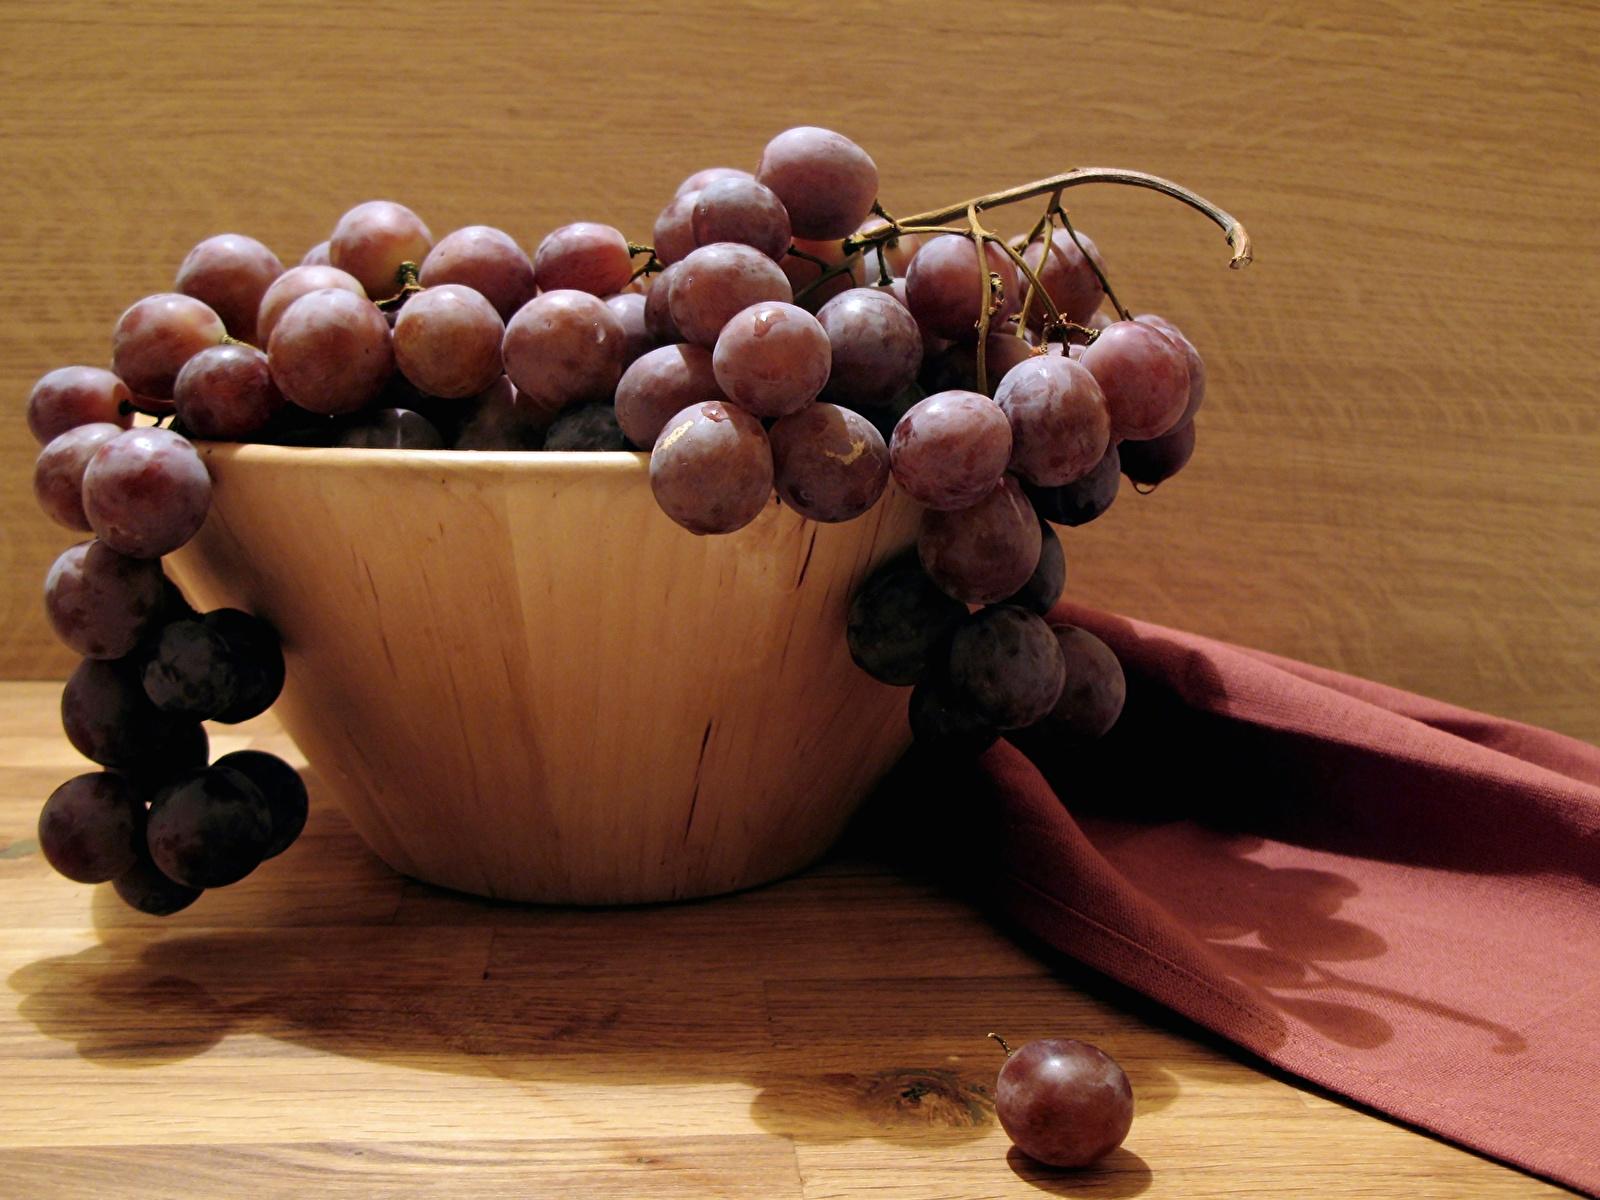 Фотографии Виноград Еда 1600x1200 Пища Продукты питания